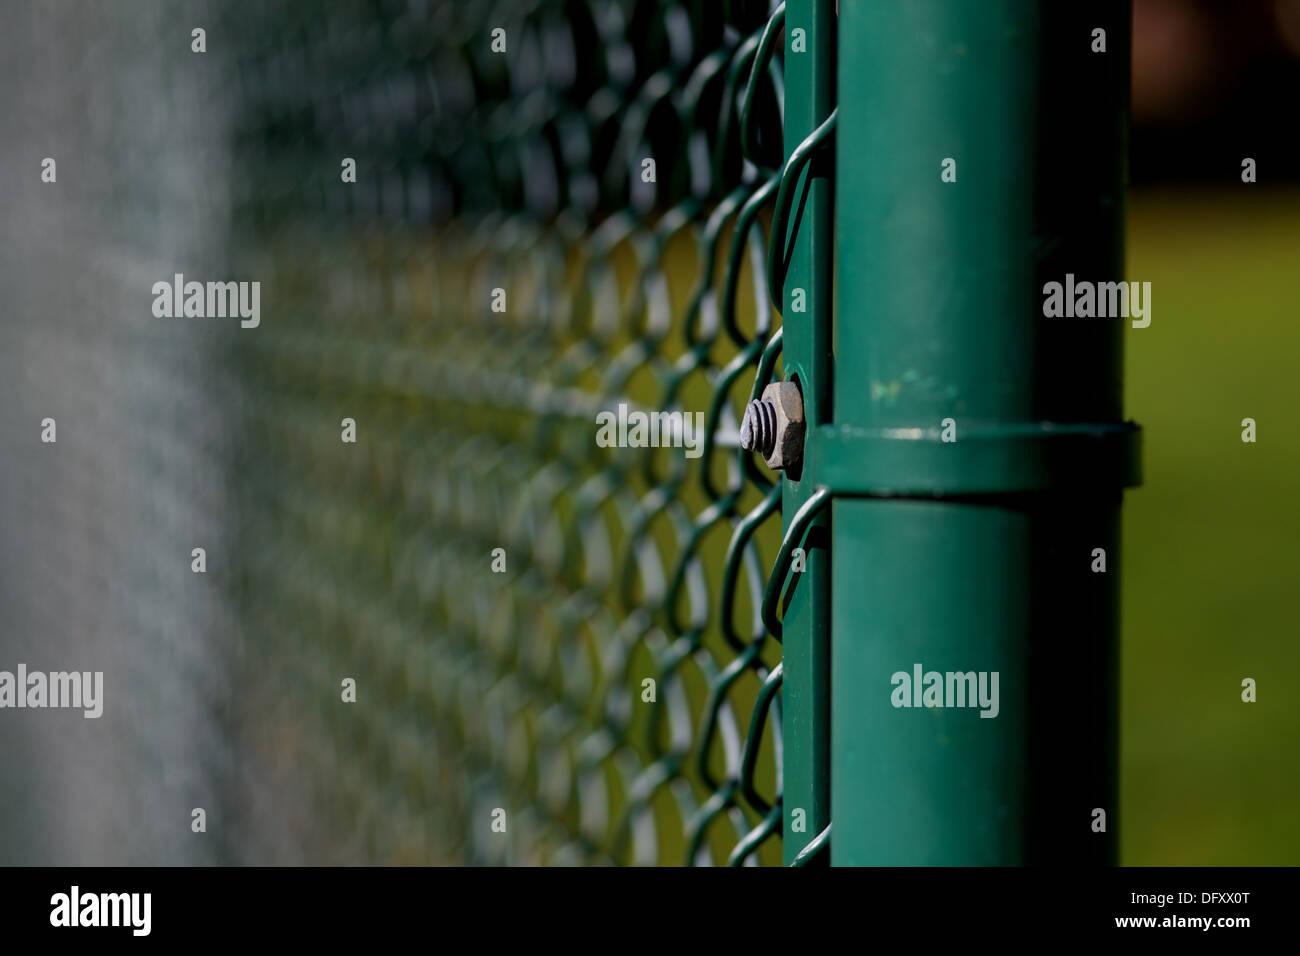 Cerca de vallas de alambre Imagen De Stock